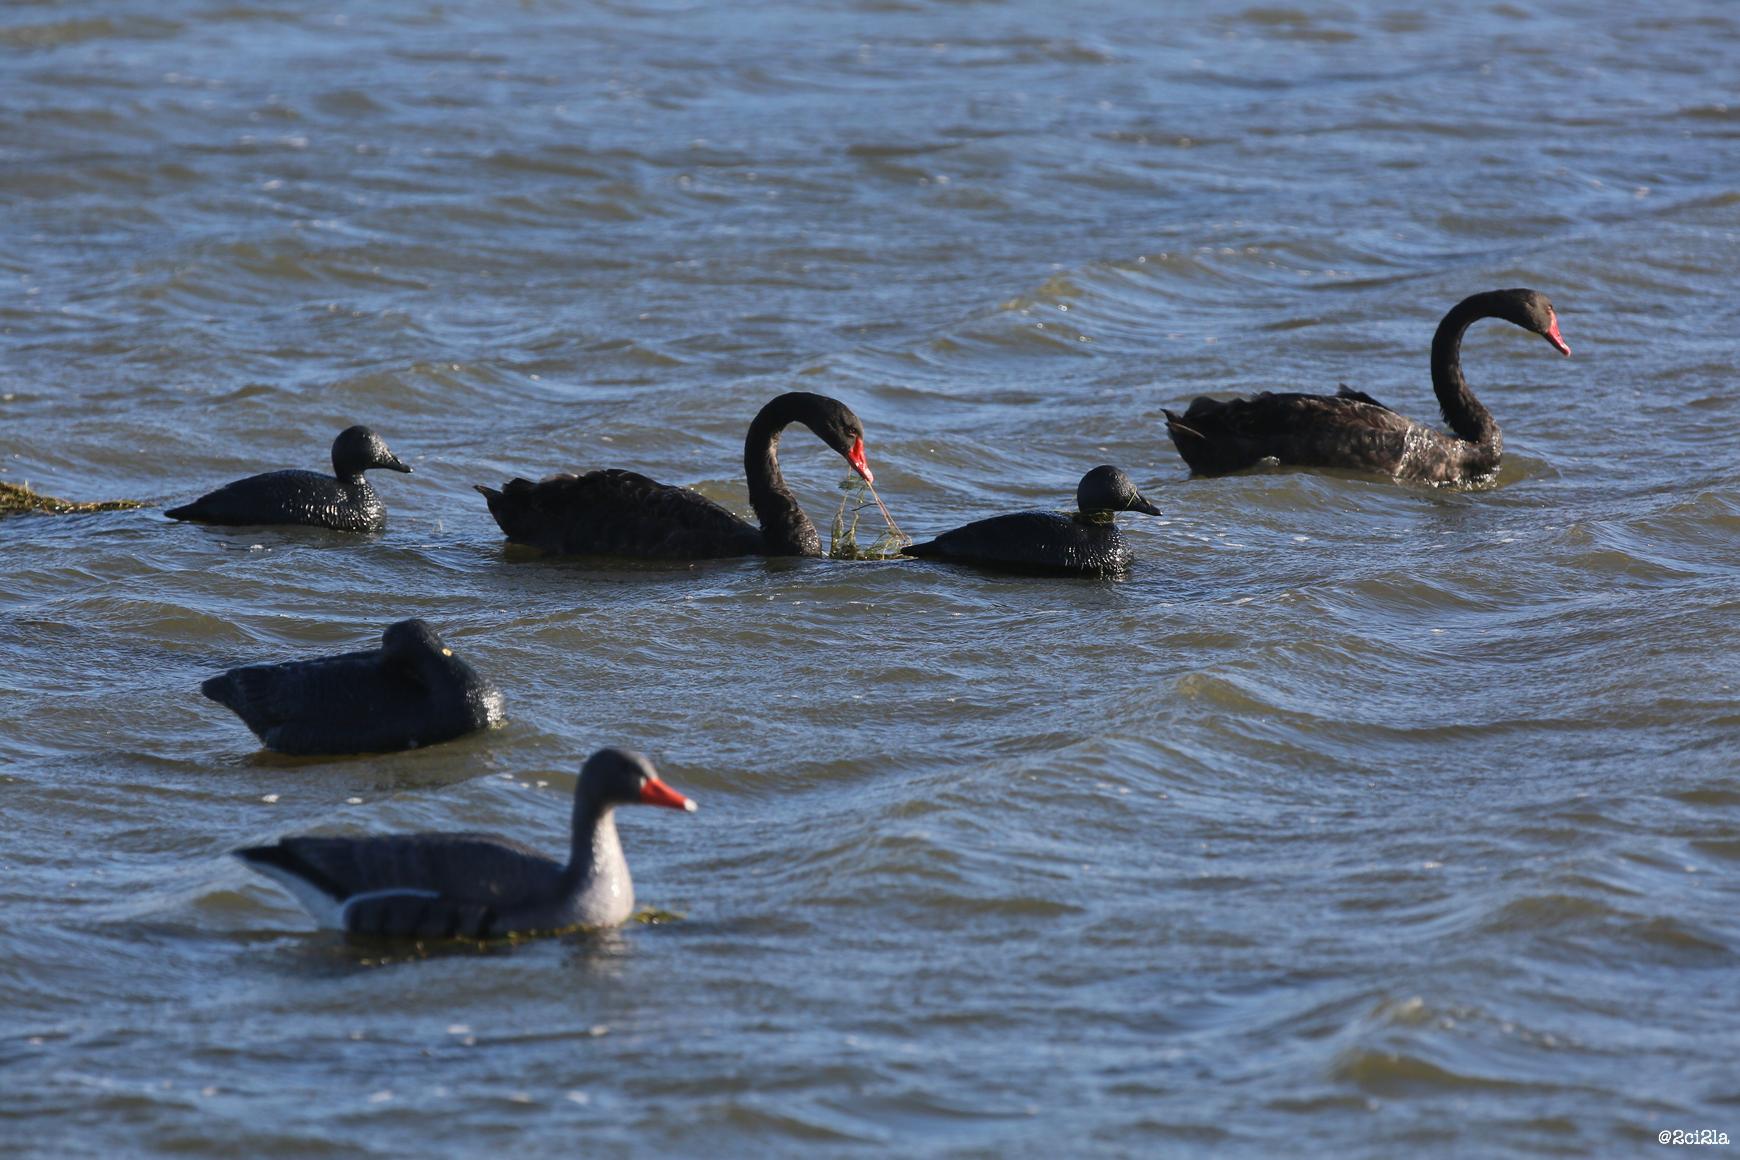 Cygnes noirs en quête de nourriture au milieu d'un attelage de blettes de chasse. Novembre 201